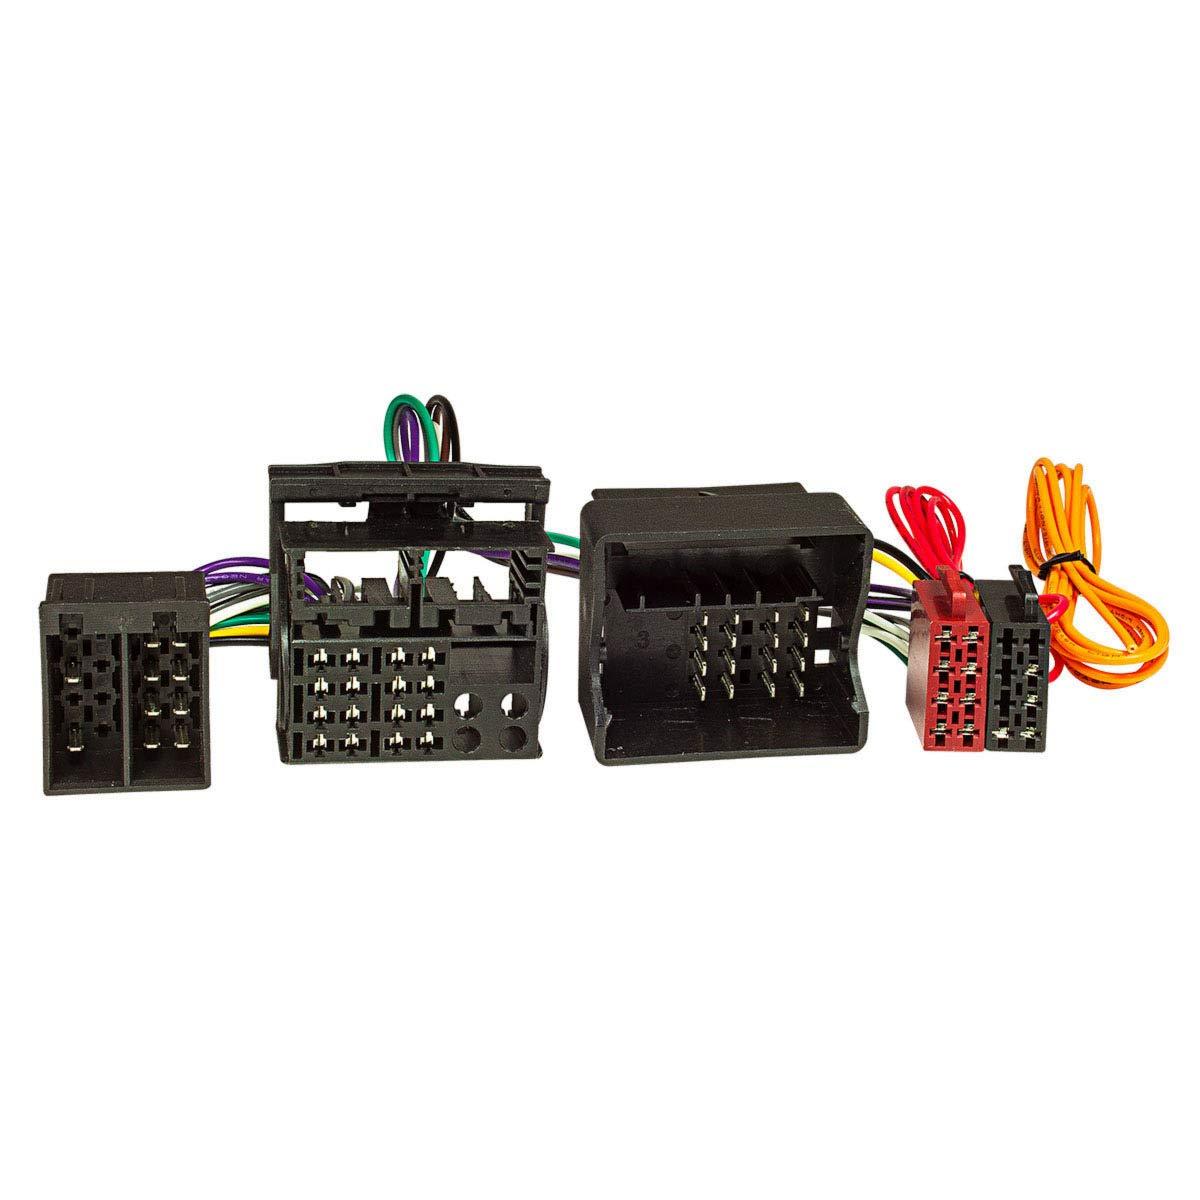 para Mercedes para manos libres con conector ISO T Audio 20//30 /001/cable ISO adaptador de derivaci/ón tomzz Audio SE-7334/ por ejemplo Parrot, THB, Funkwerk Dabendorf